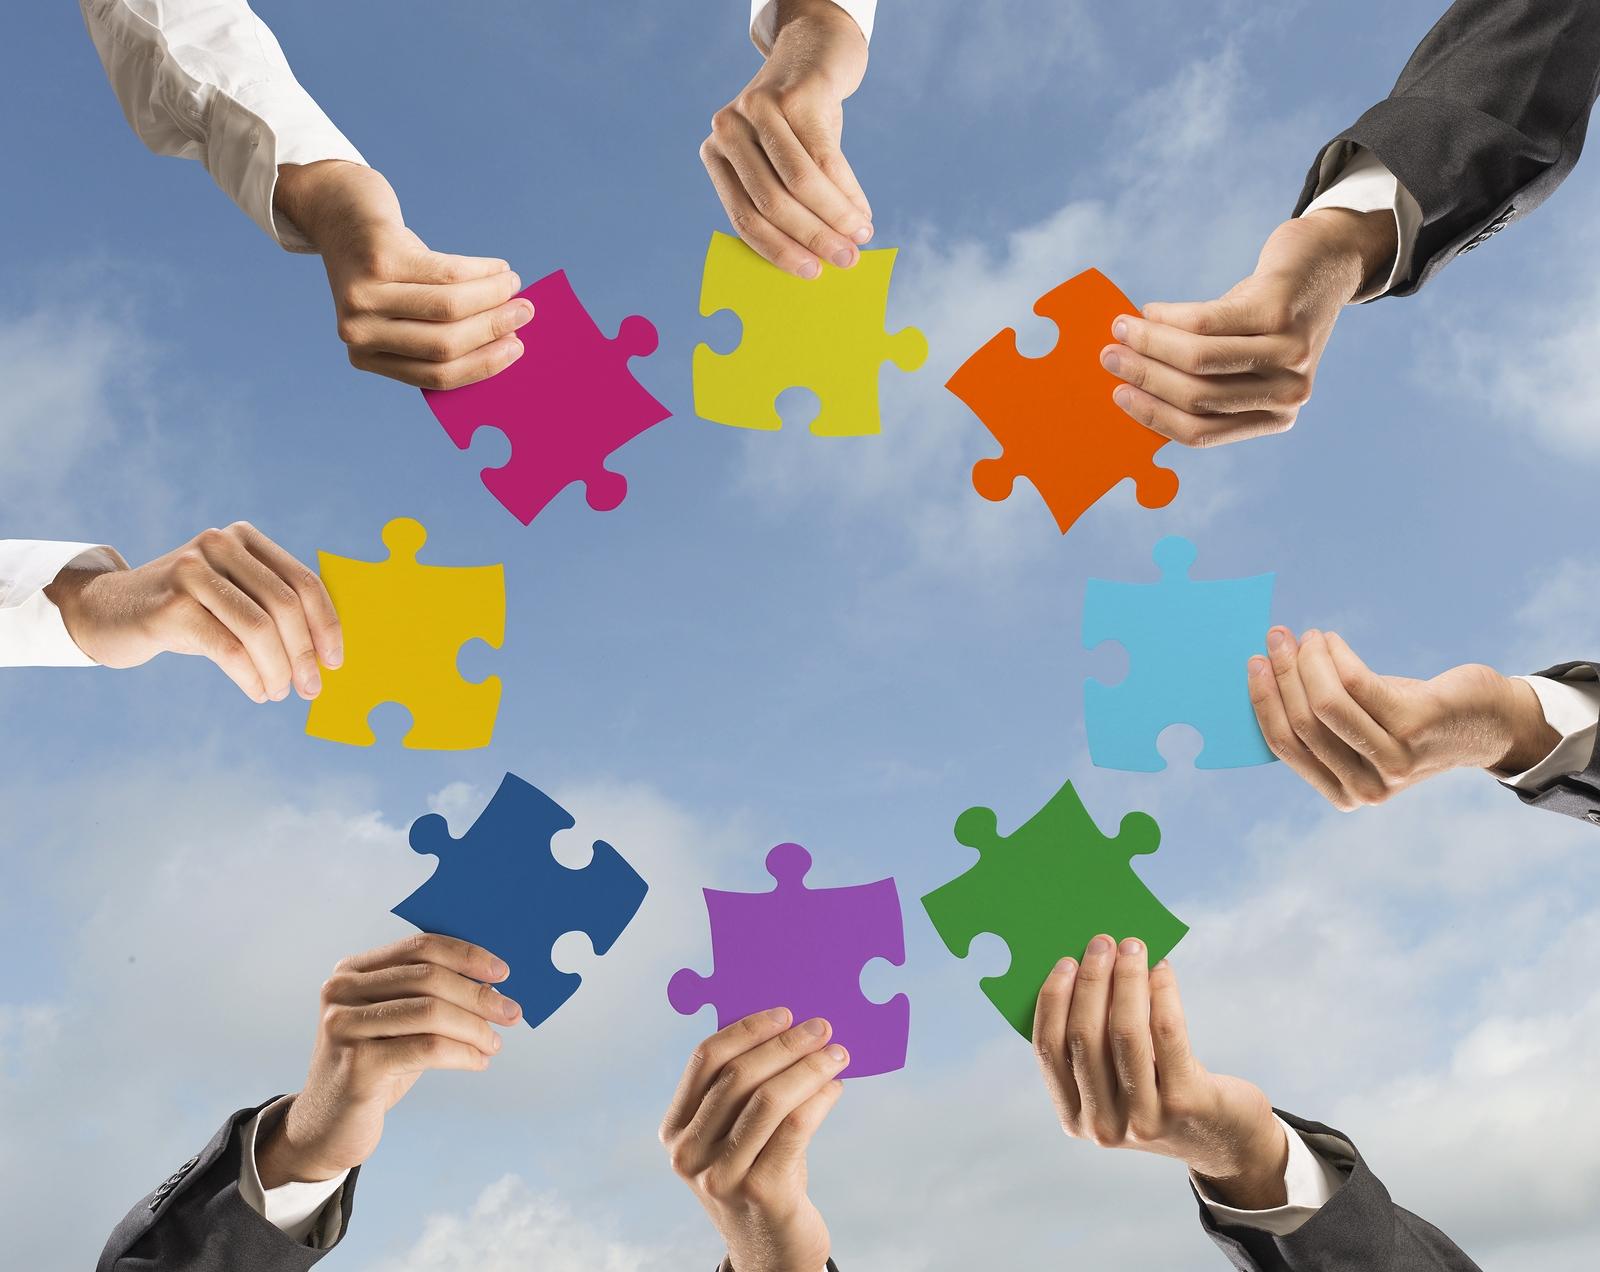 Công ty tổ chức team building giá rẻ tại TPHCM. Dịch vụ đảm bảo - Giá quá ưu đãi. Liên hệ ngay tiết kiệm đến 50%.